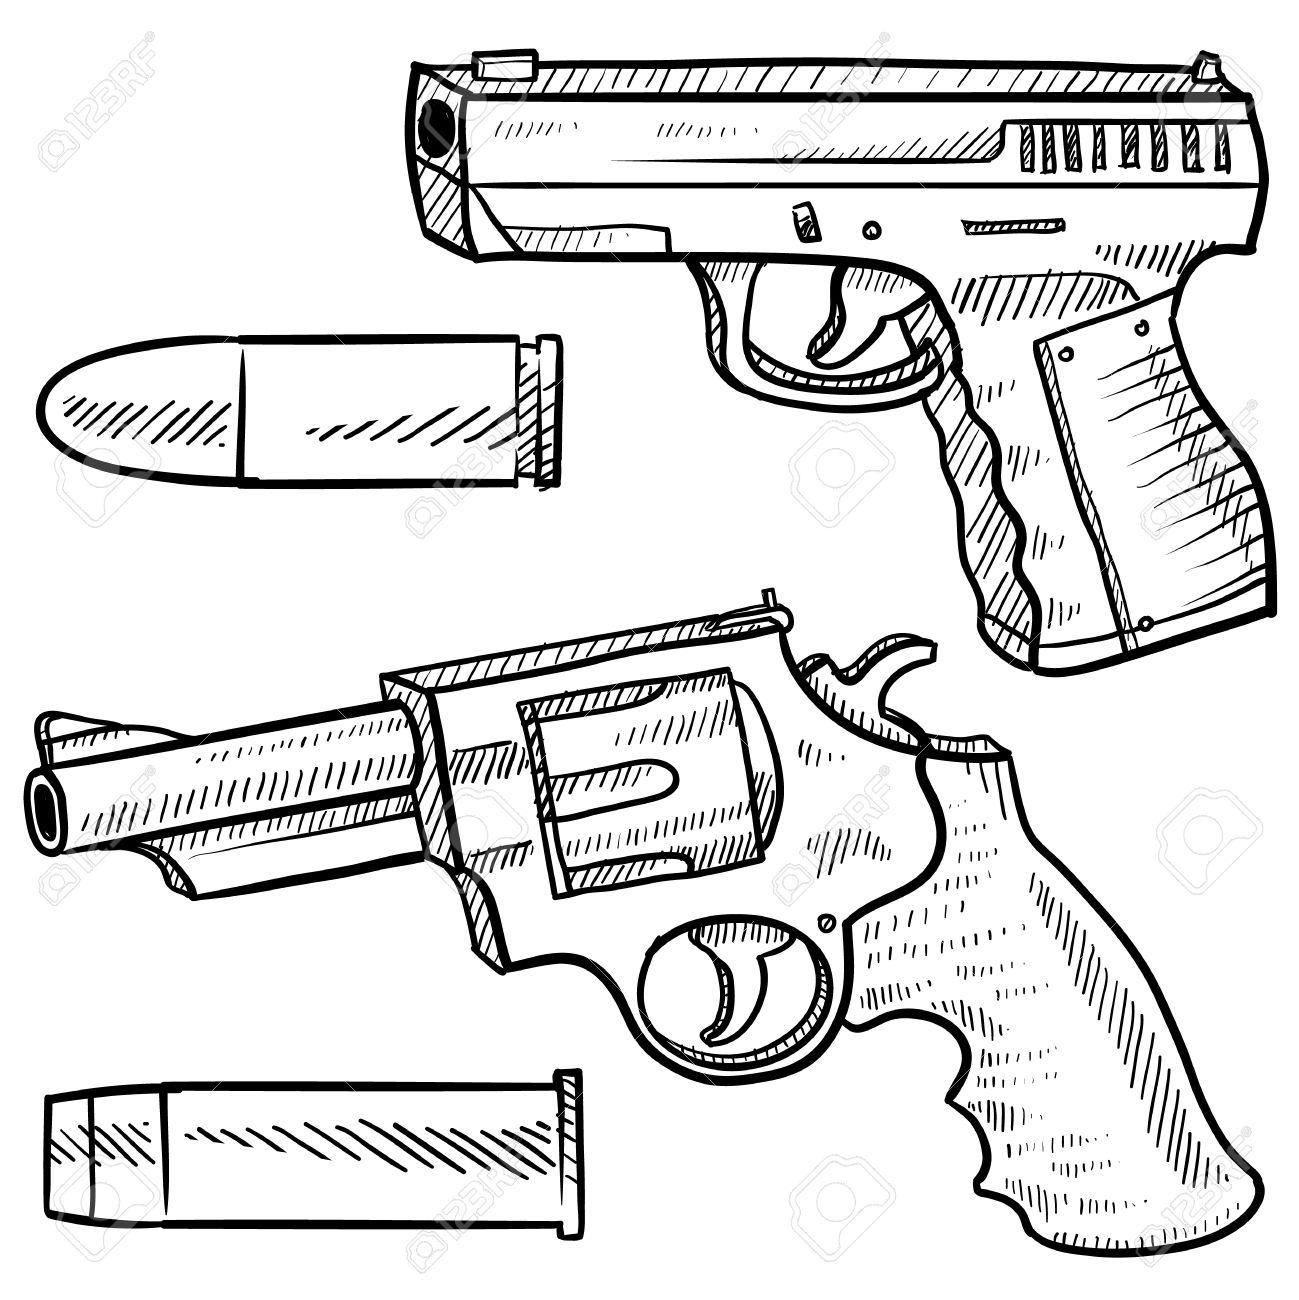 pistola de estilo doodle o dibujo que incluye un arma de fuego